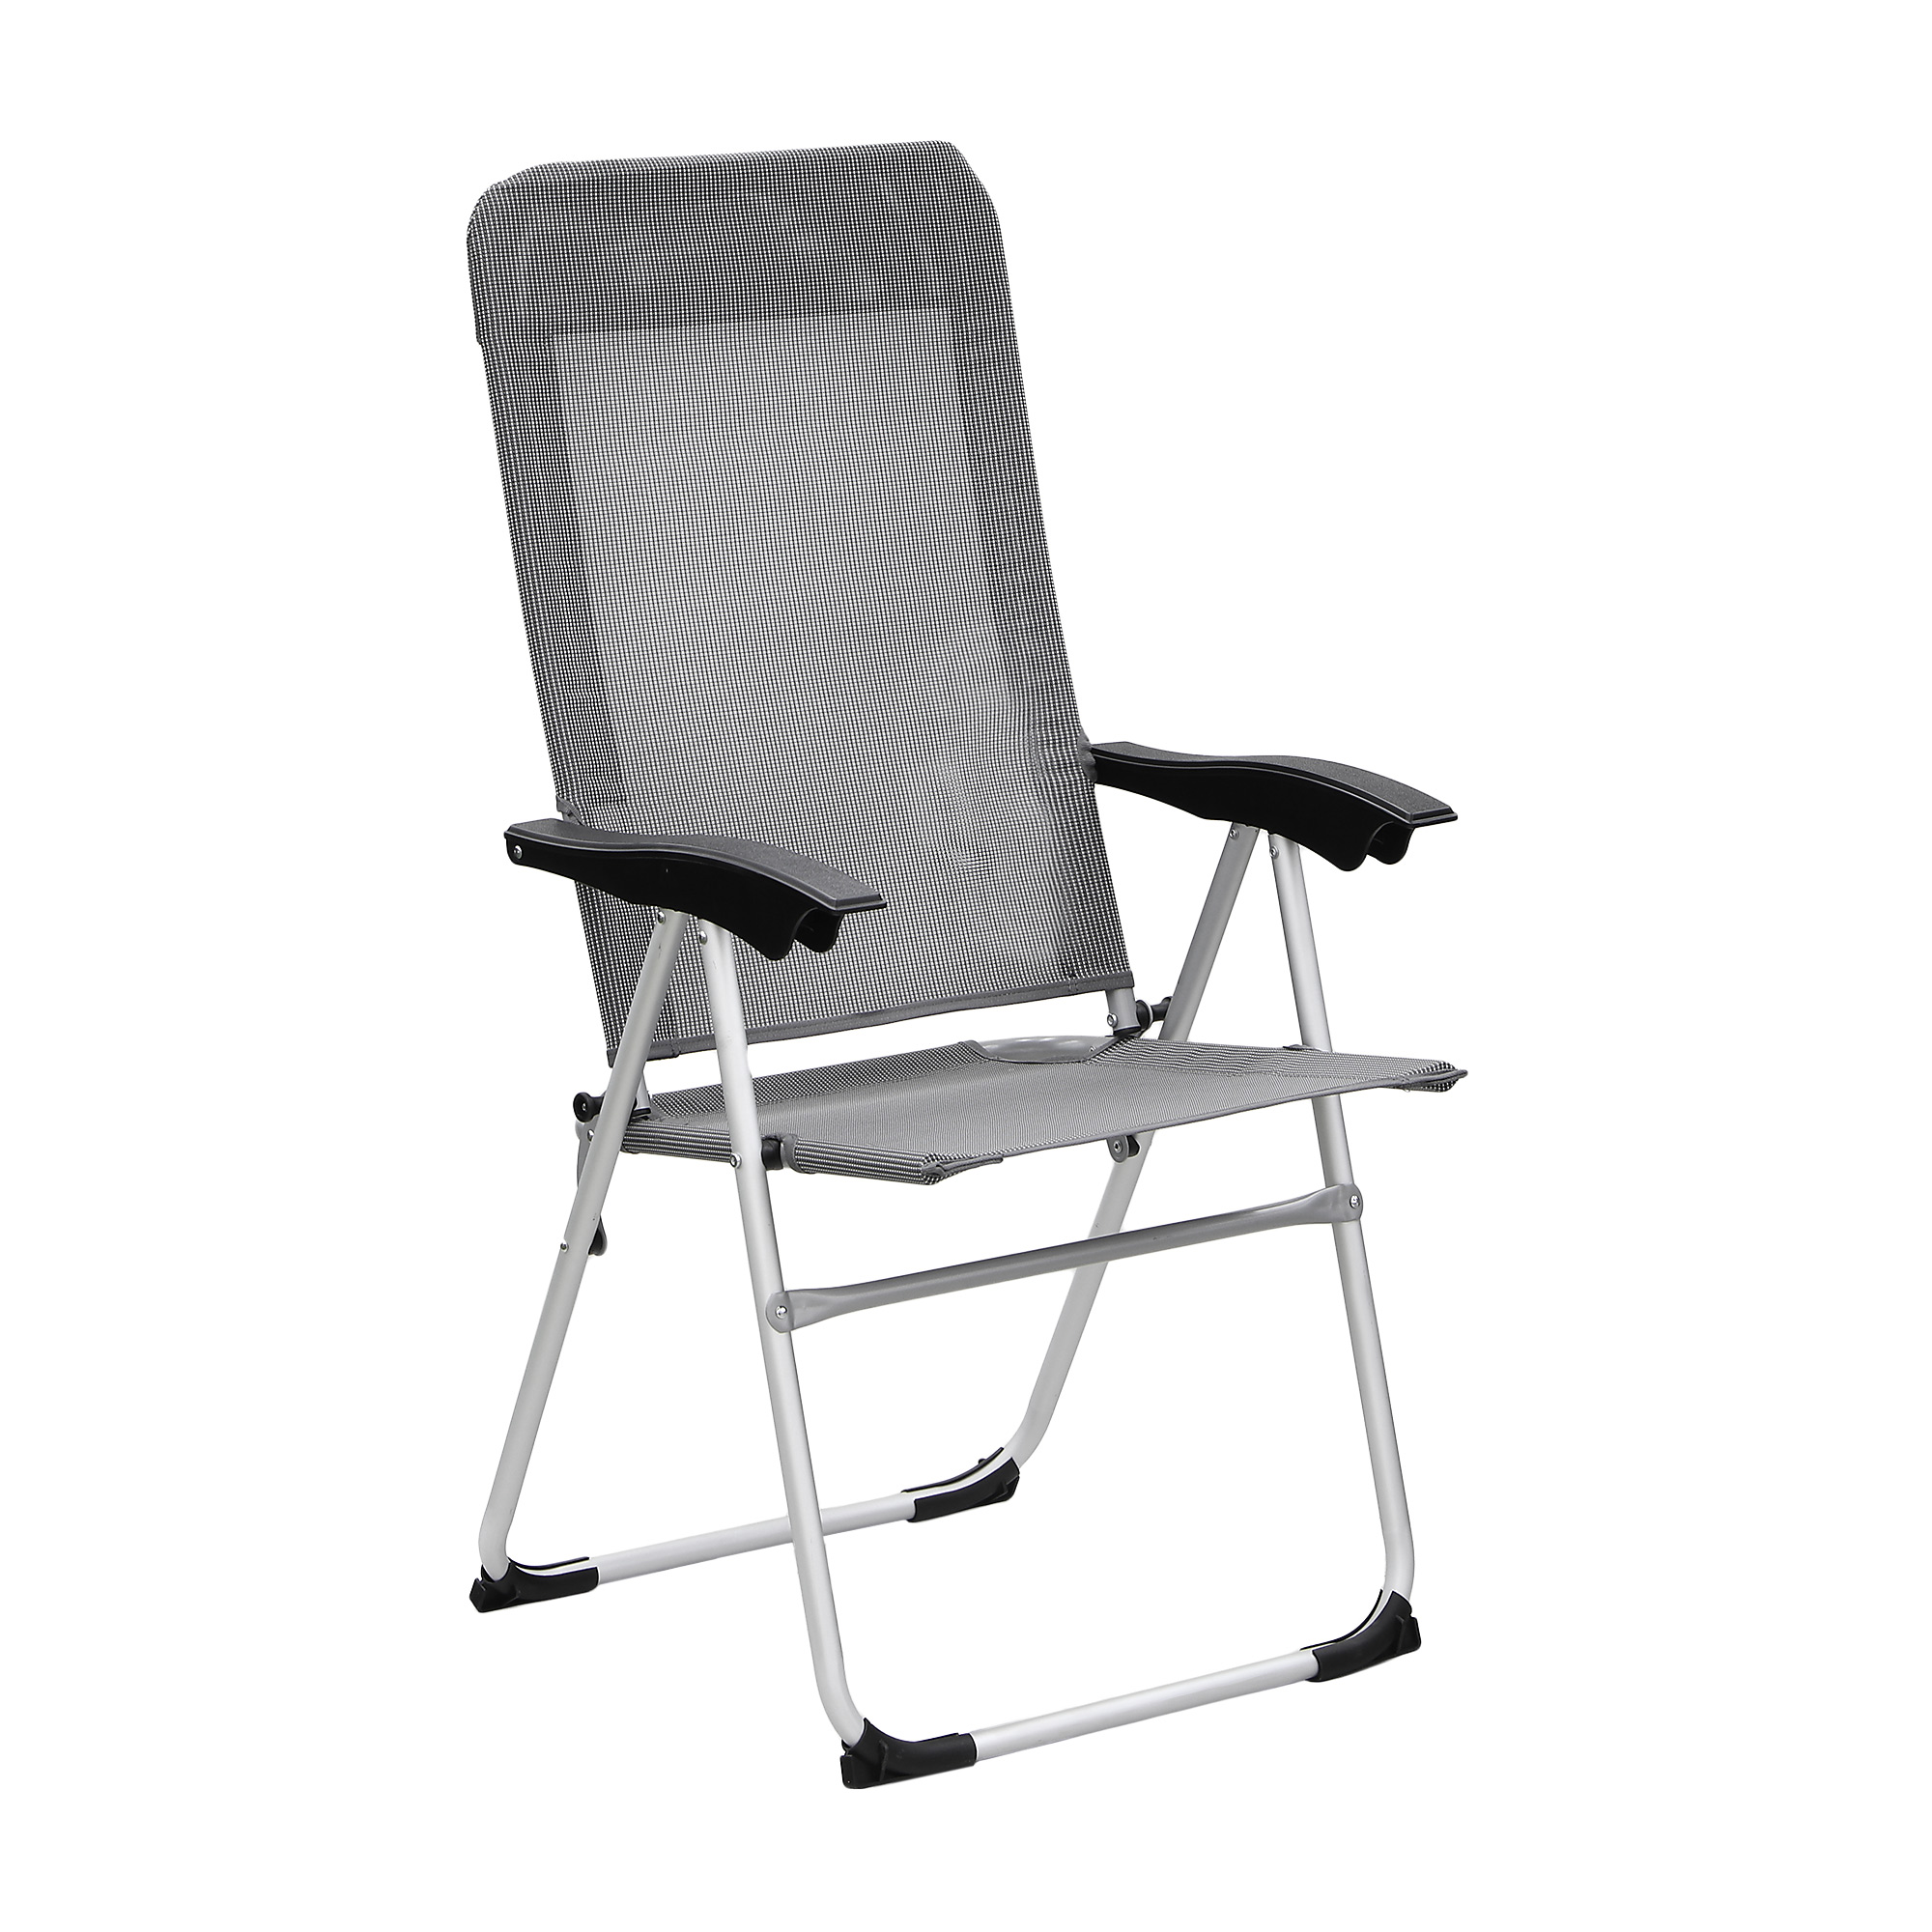 Кресло складное Koopman furniture 66x58,5x43/106 см кресло greenhouse hfc 058 складное